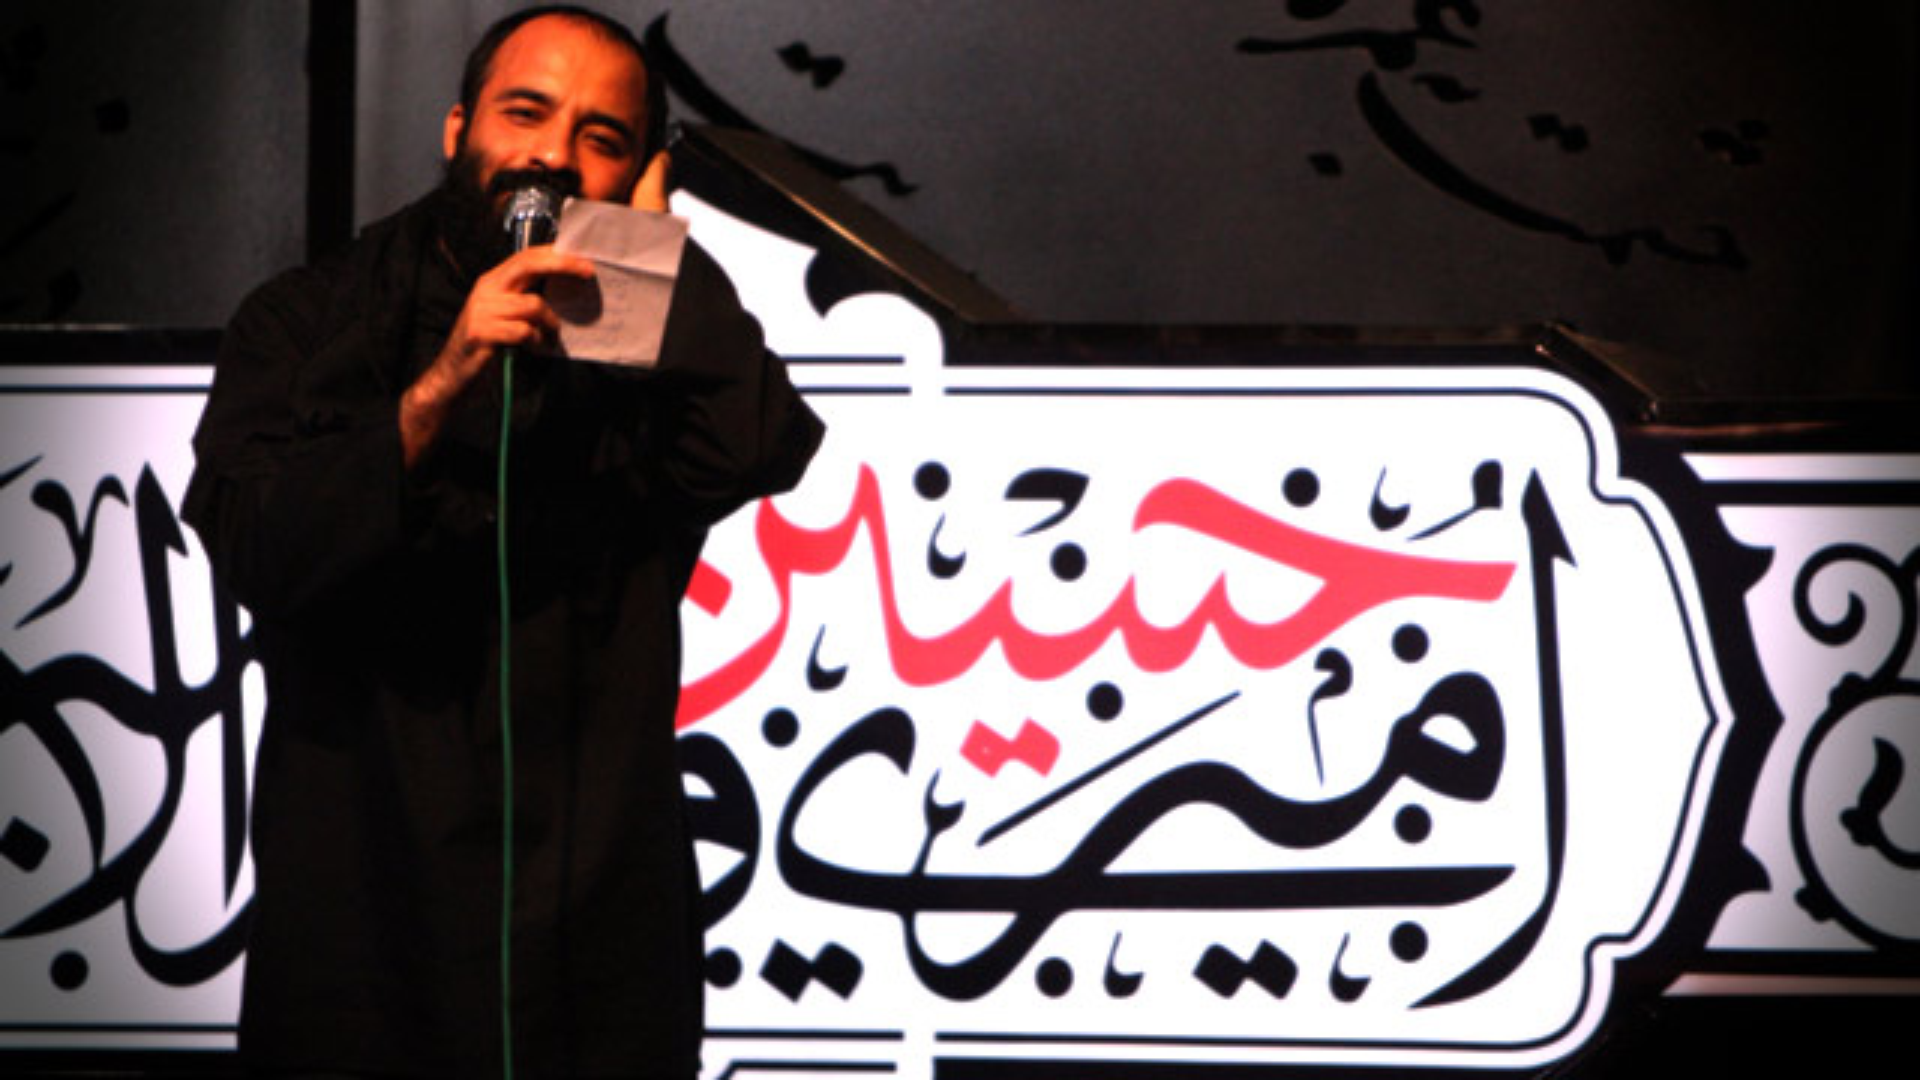 فیلم مراسم شب اول محرم ۹۵ در هیئت الرضا علیه السلام با مداحی عبدالرضا هلالی و روح الله بهمنی